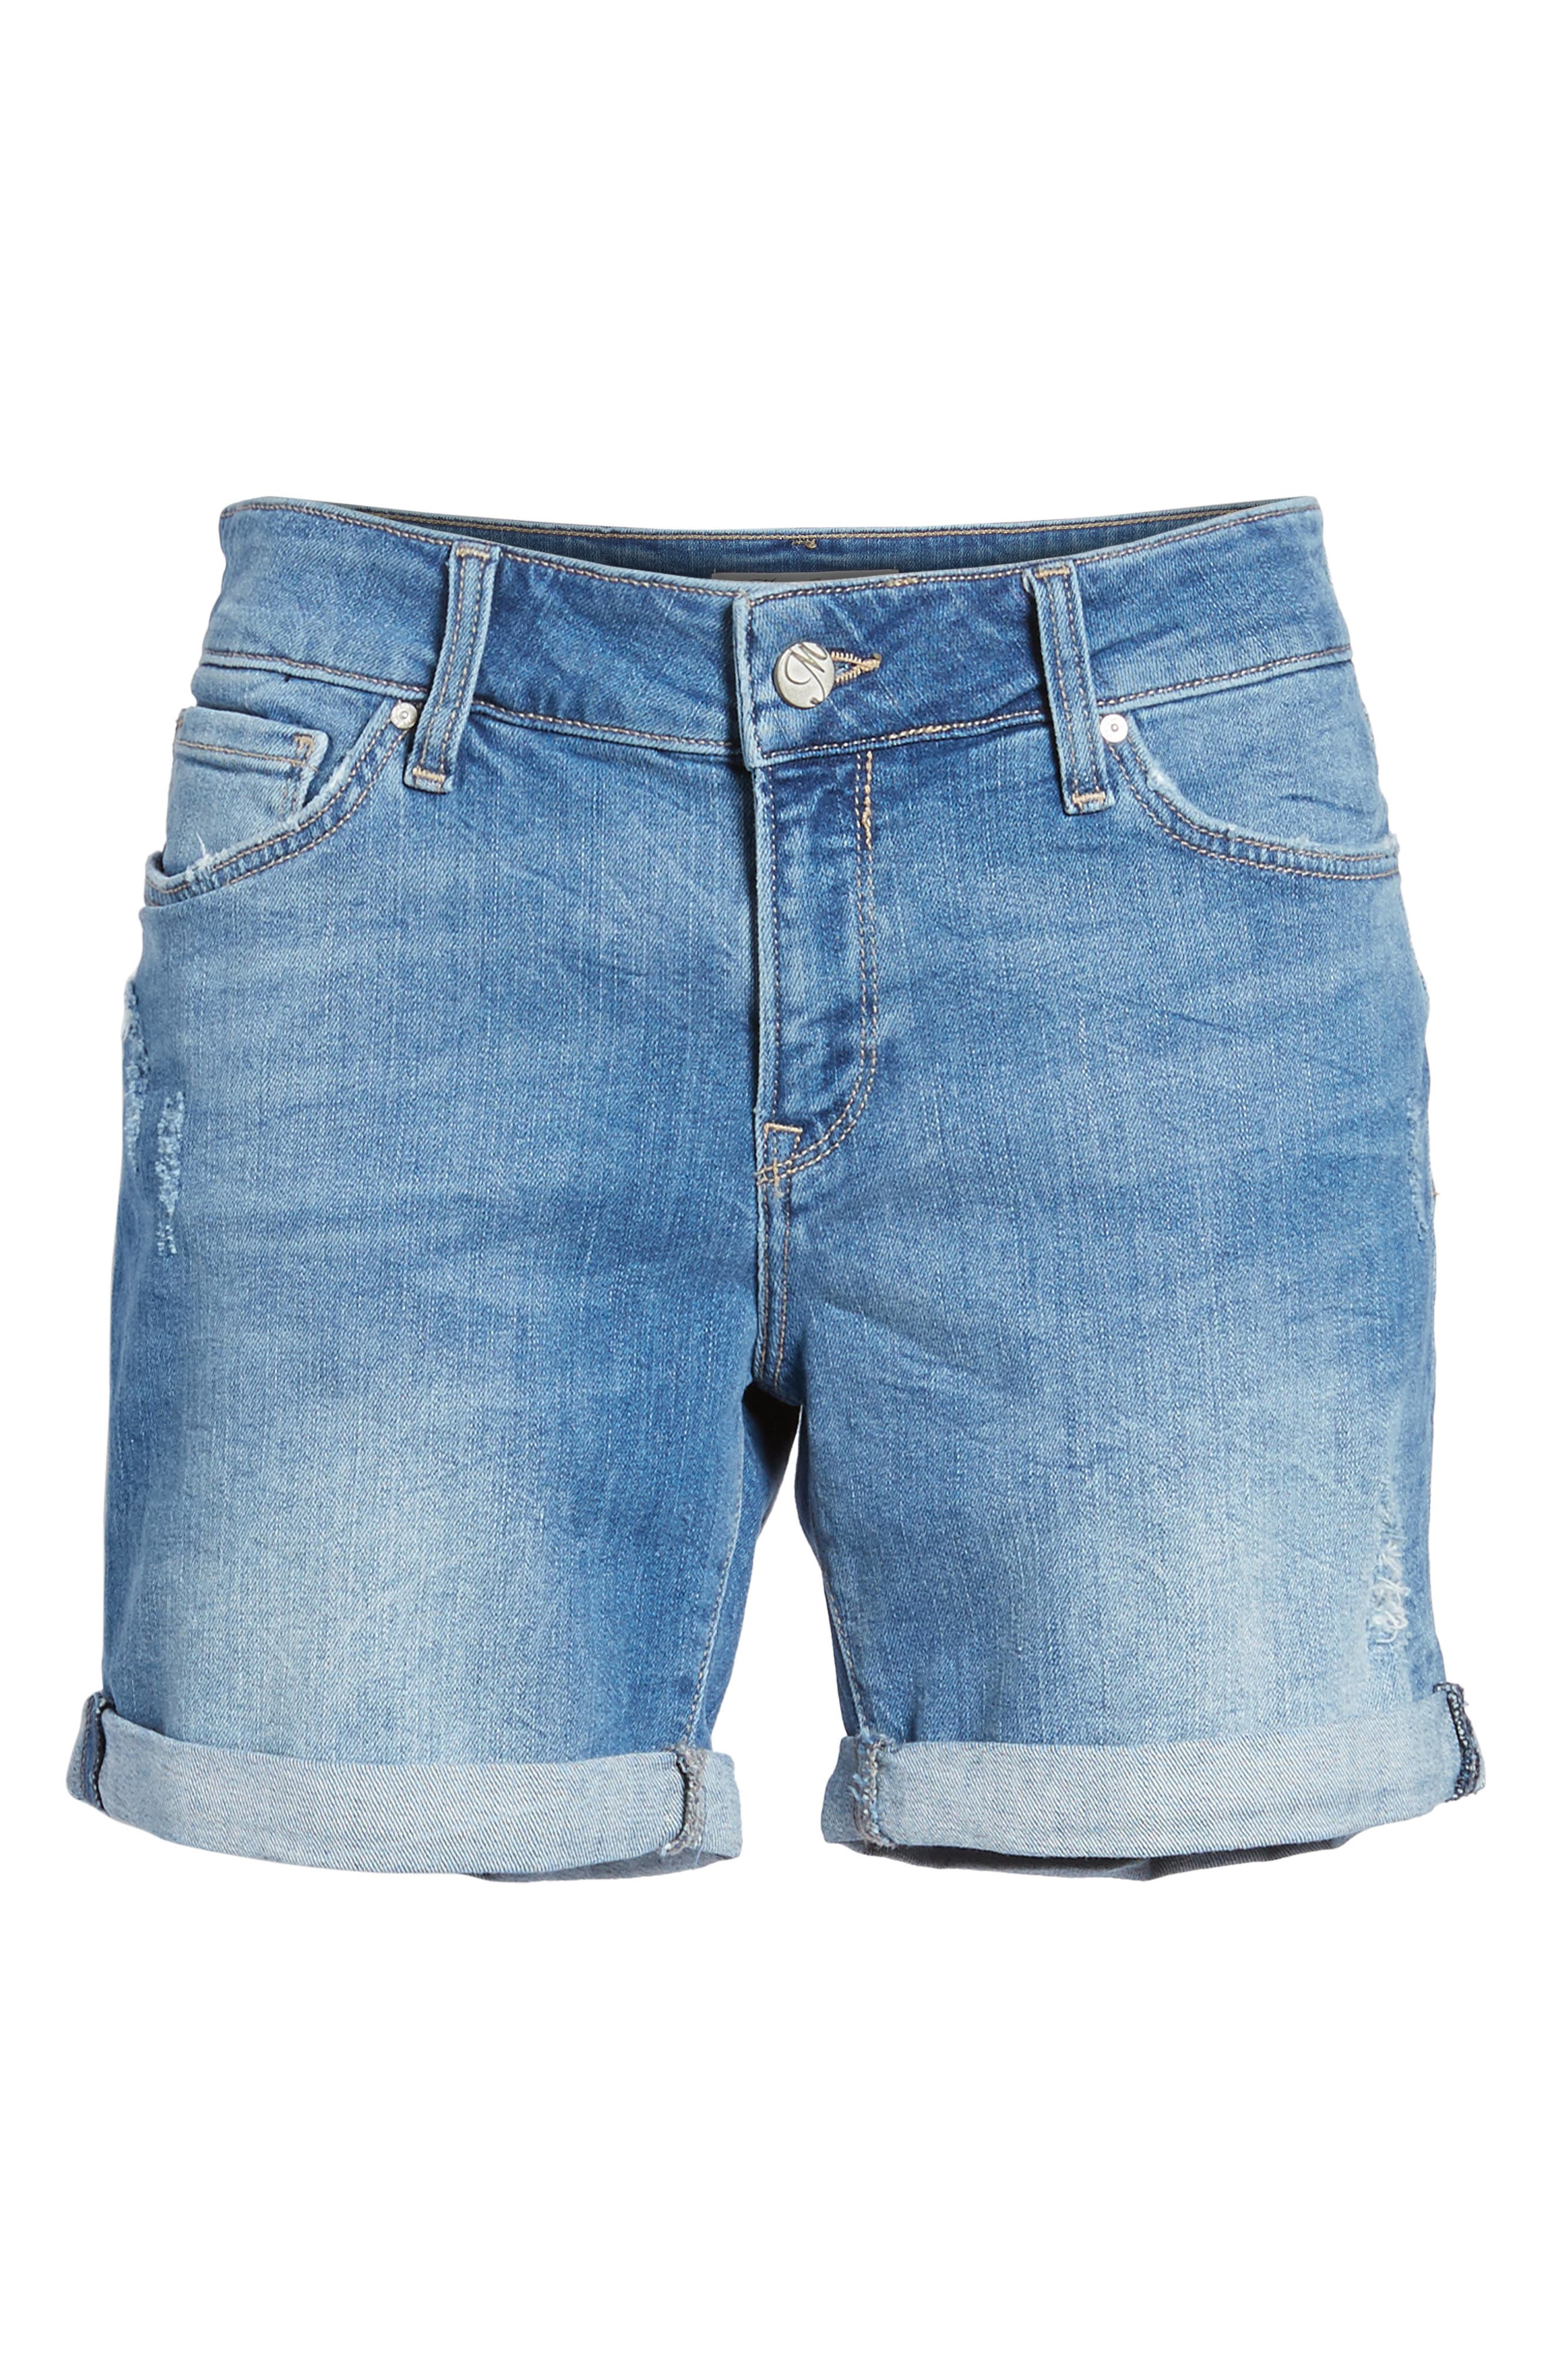 Pixie Denim Boyfriend Shorts,                             Alternate thumbnail 7, color,                             DISTRESSED VINTAGE